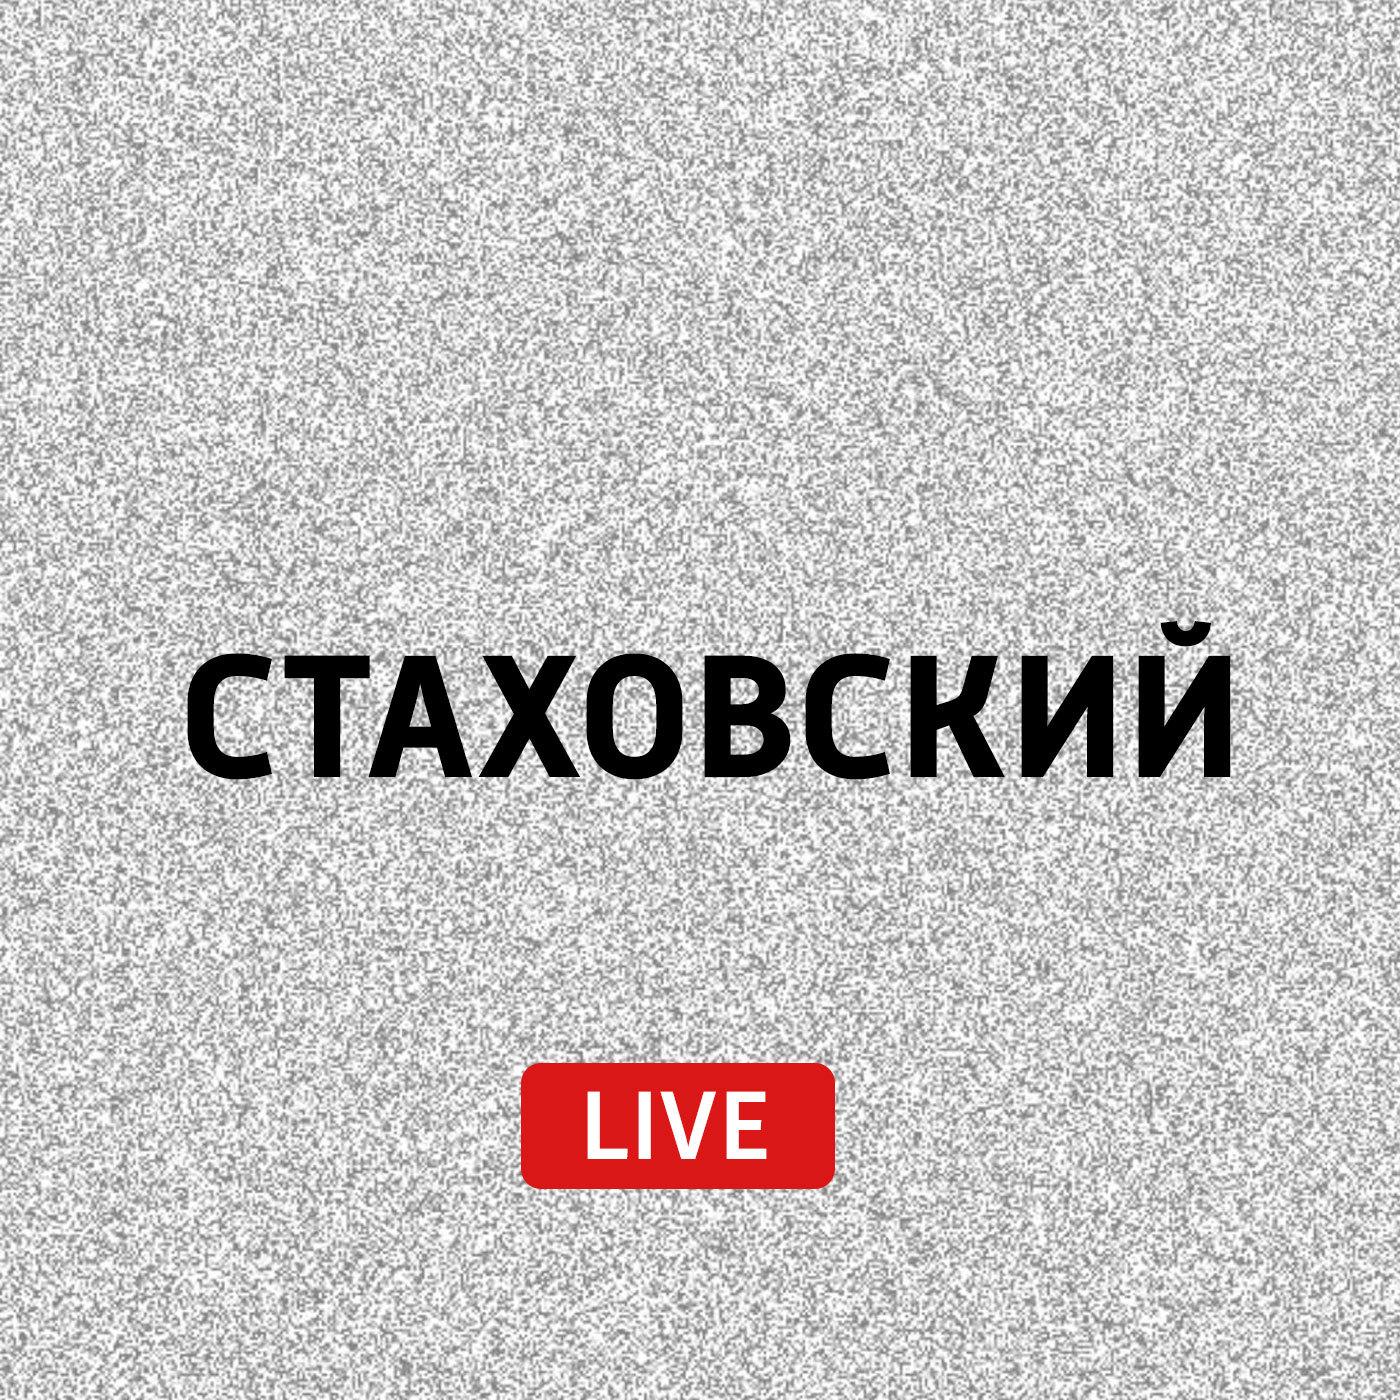 Евгений Стаховский О музыке Гайдна и литературных персонажах евгений меркулов посреди донской степи